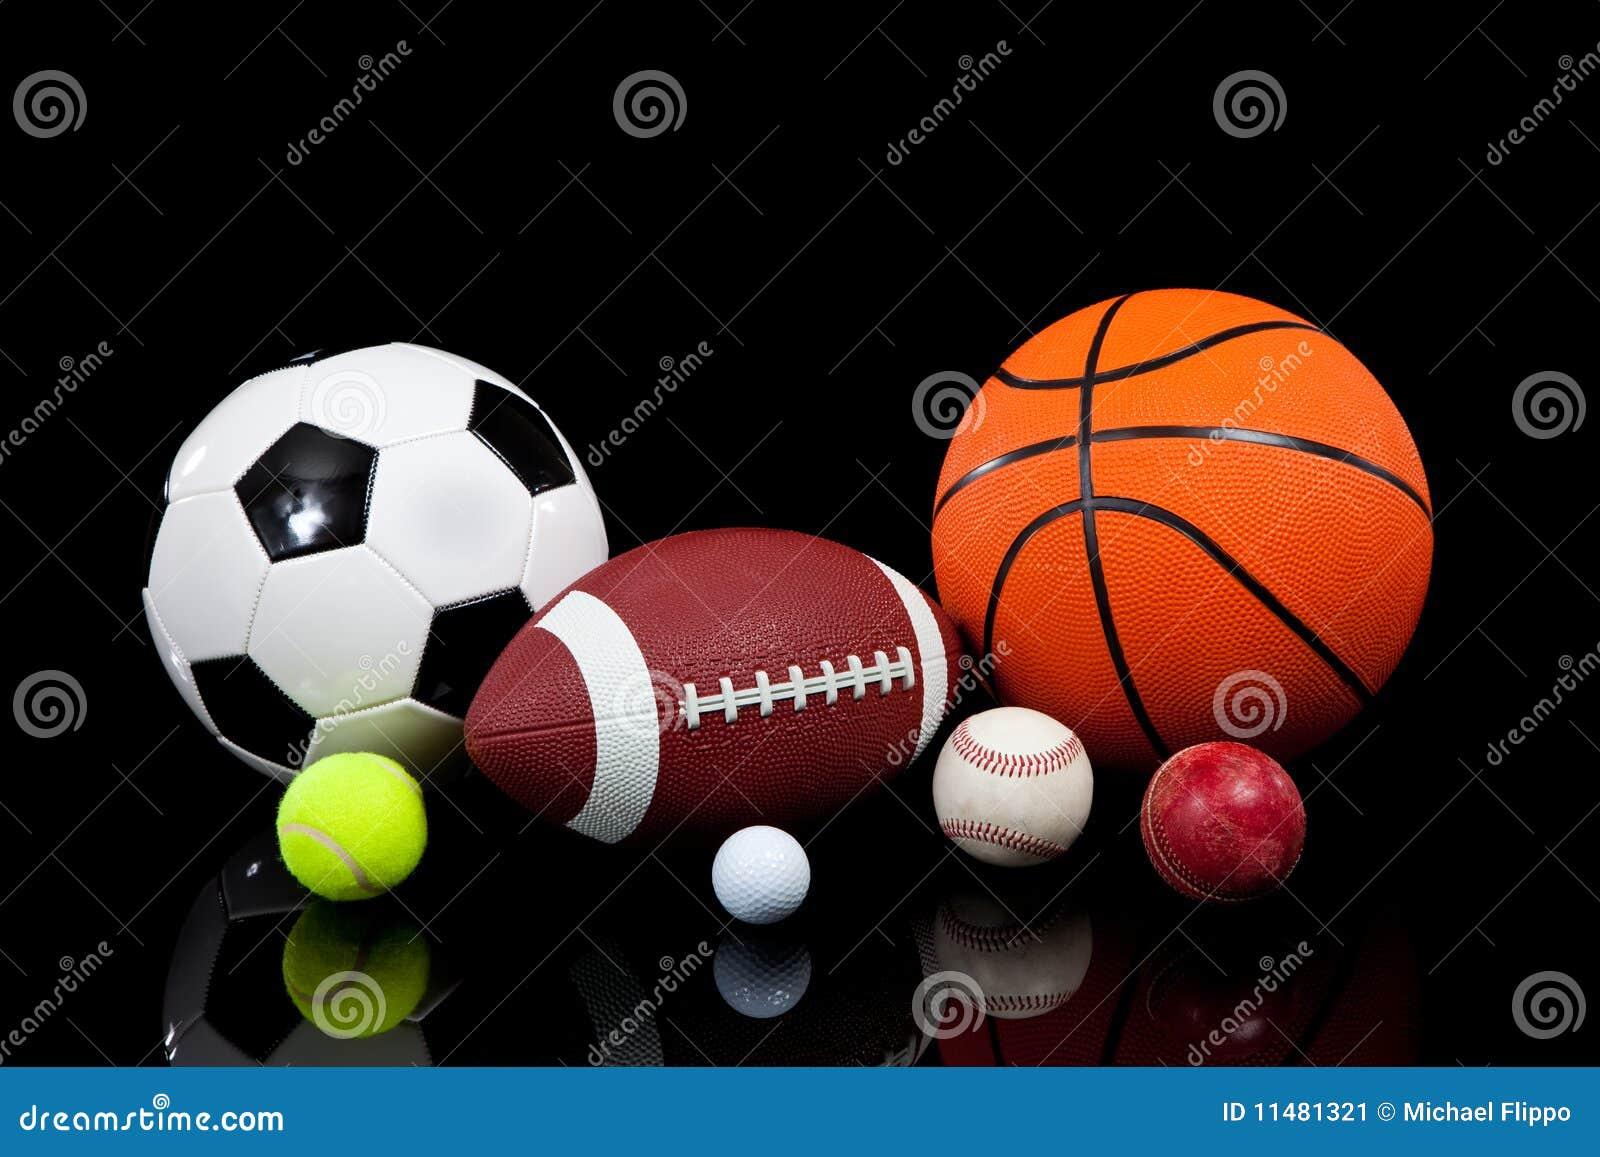 Imágenes Deportes Fondos: Bolas Clasificadas De Los Deportes En Un Fondo Negro